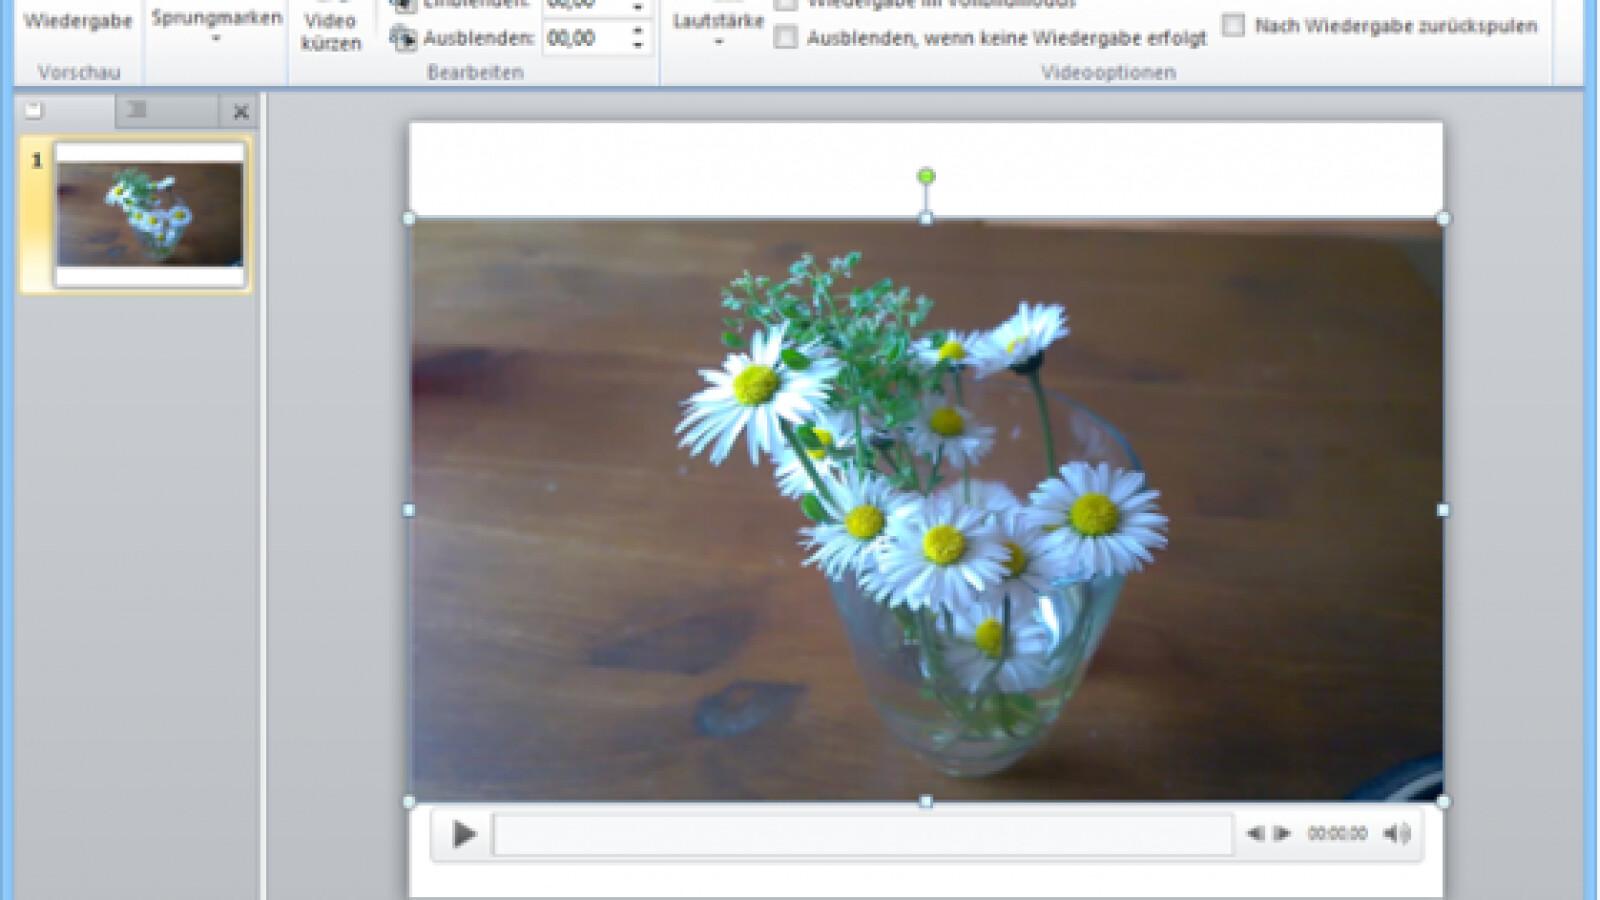 Powerpoint videos richtig in die prsentation einbinden netzwelt ccuart Choice Image